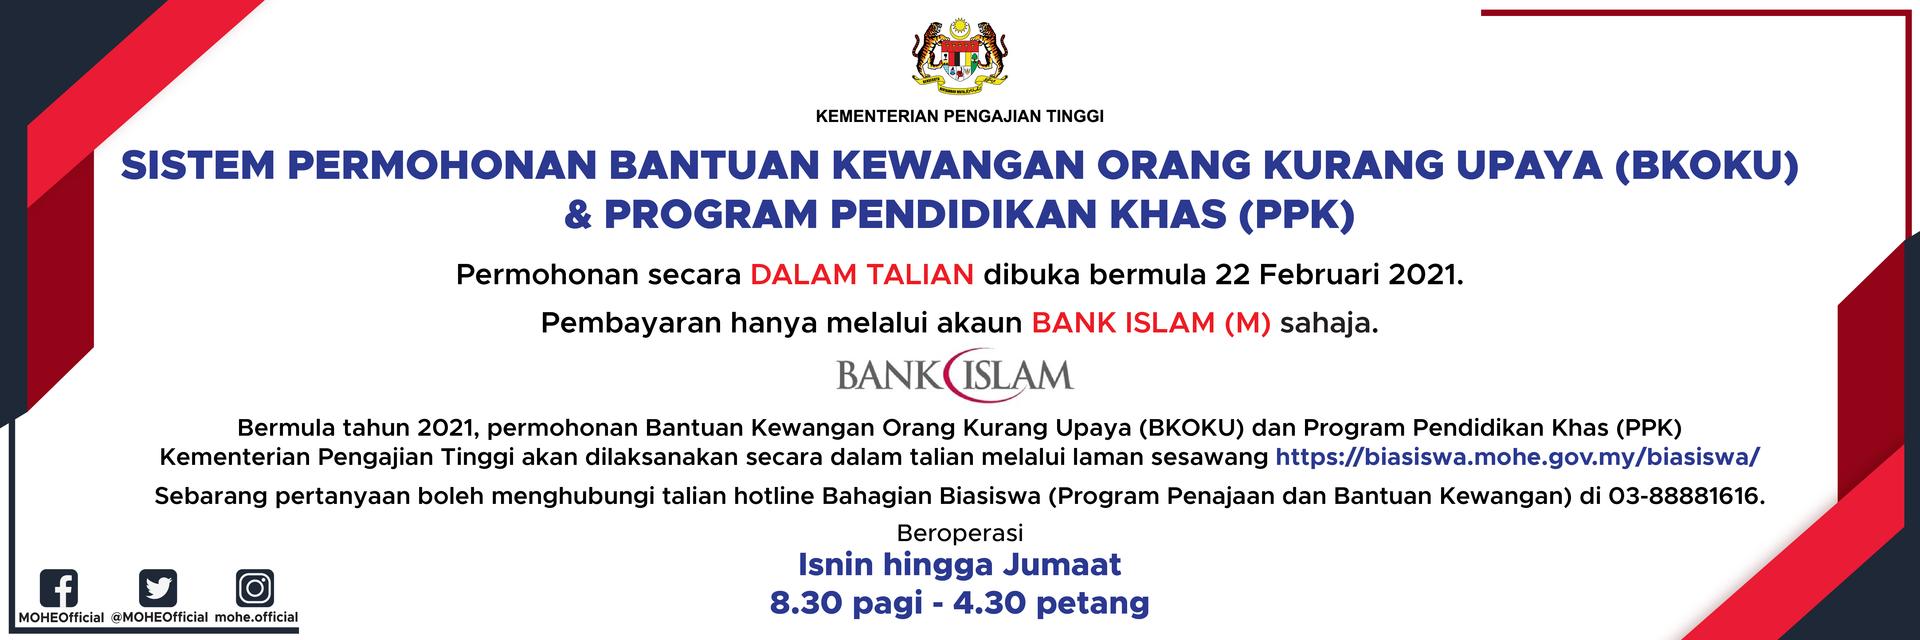 Sistem Permohonan Bantuan Kewangan Orang Kurang Upaya (BKOKU) & Program Pendidikan Khas (PPK)